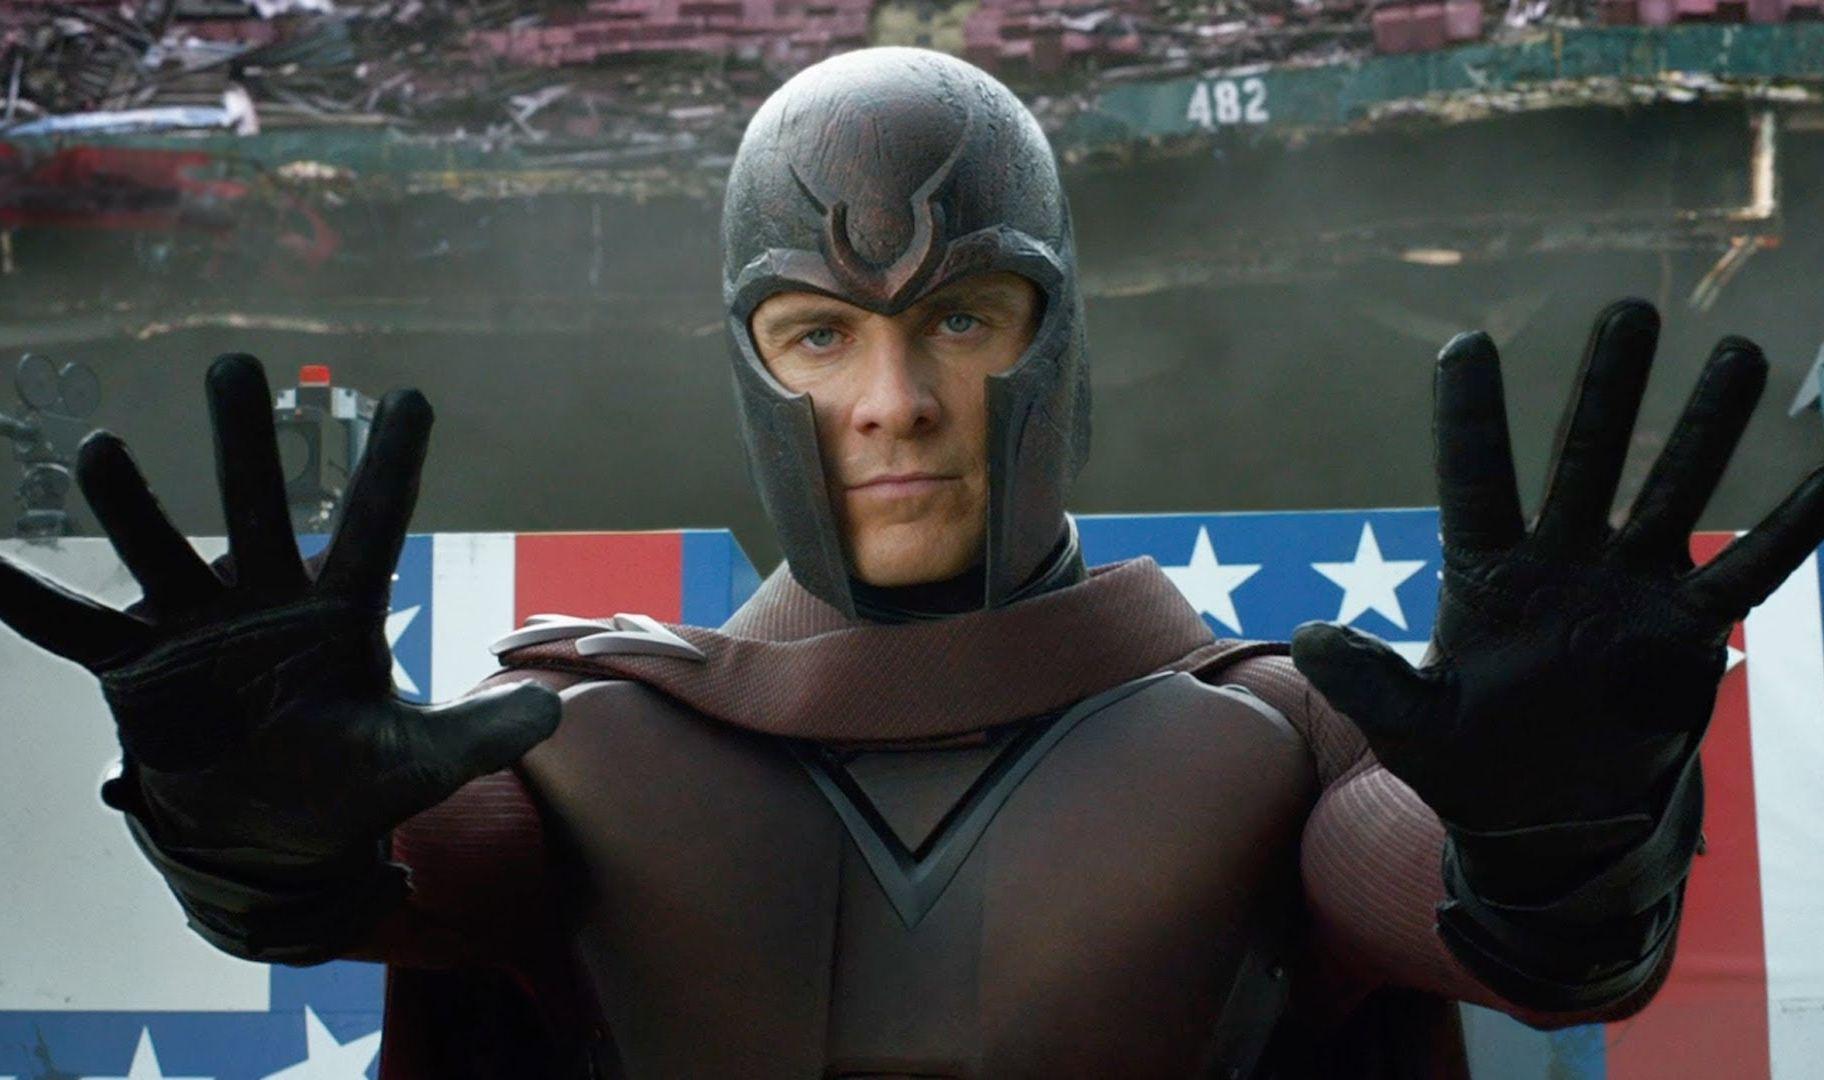 Magneto, vivido por Michael Fassbender em sua versão jovem, mostra seu poder  (Fotos: divulgação)